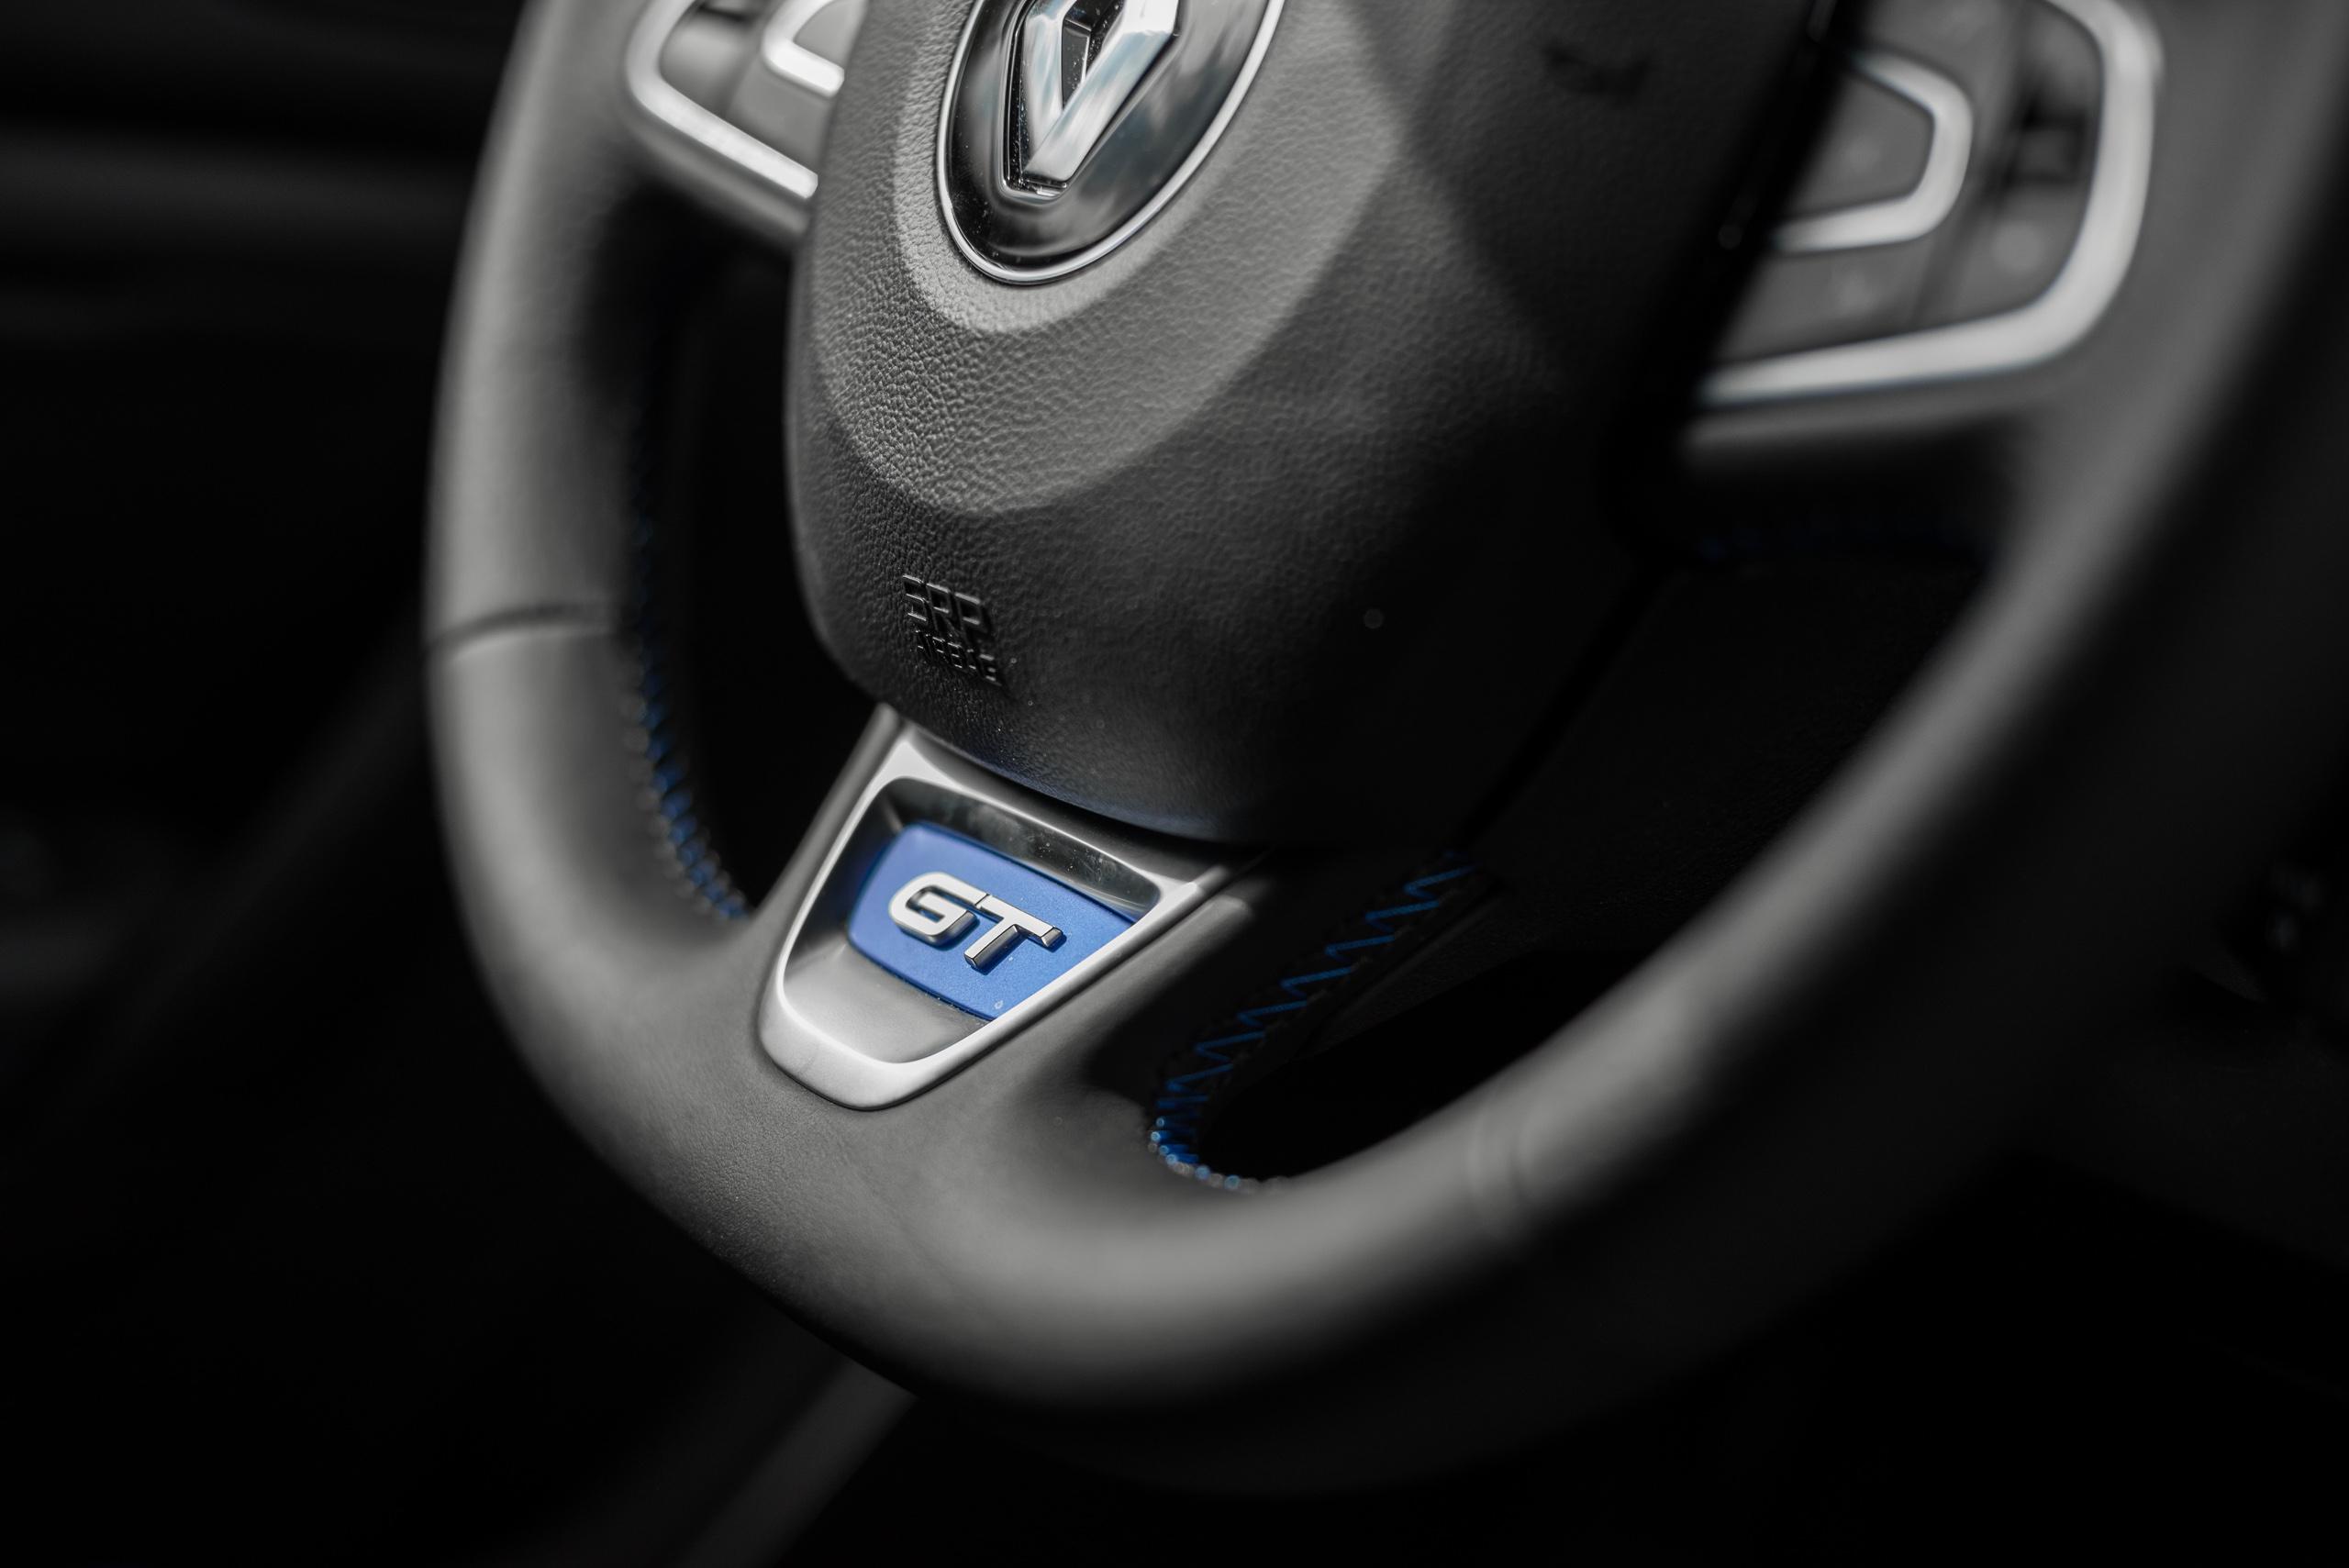 Renault Megane Gt 1 6 Tce Edc 205km Test Project Automotive